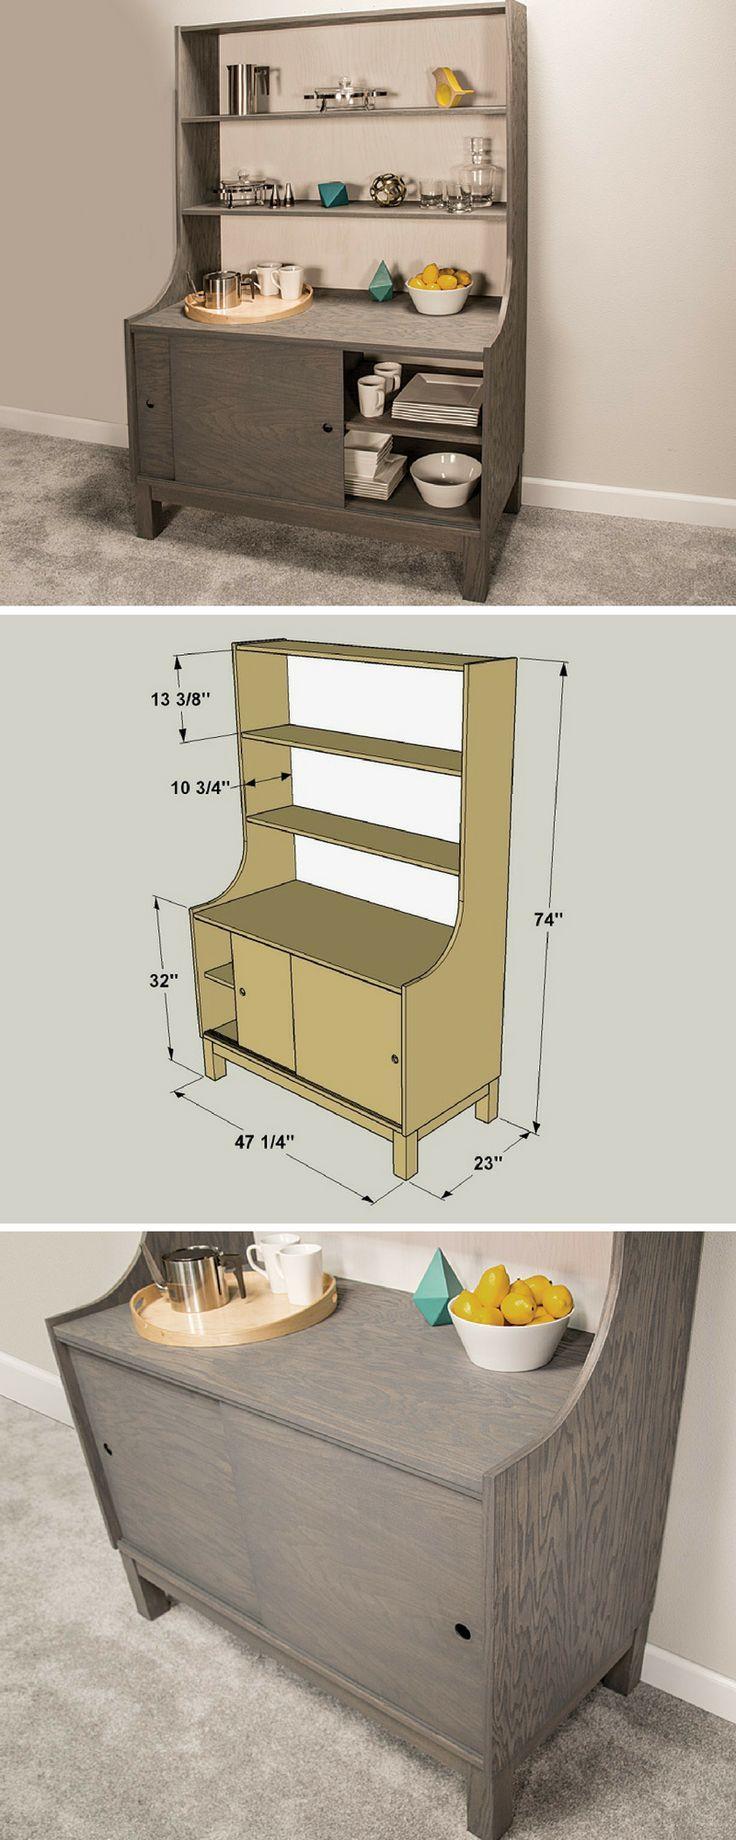 Wie man einen DIY-Stall baut Kostenlos druckbare Projektzeichnungen bei buildsomething …